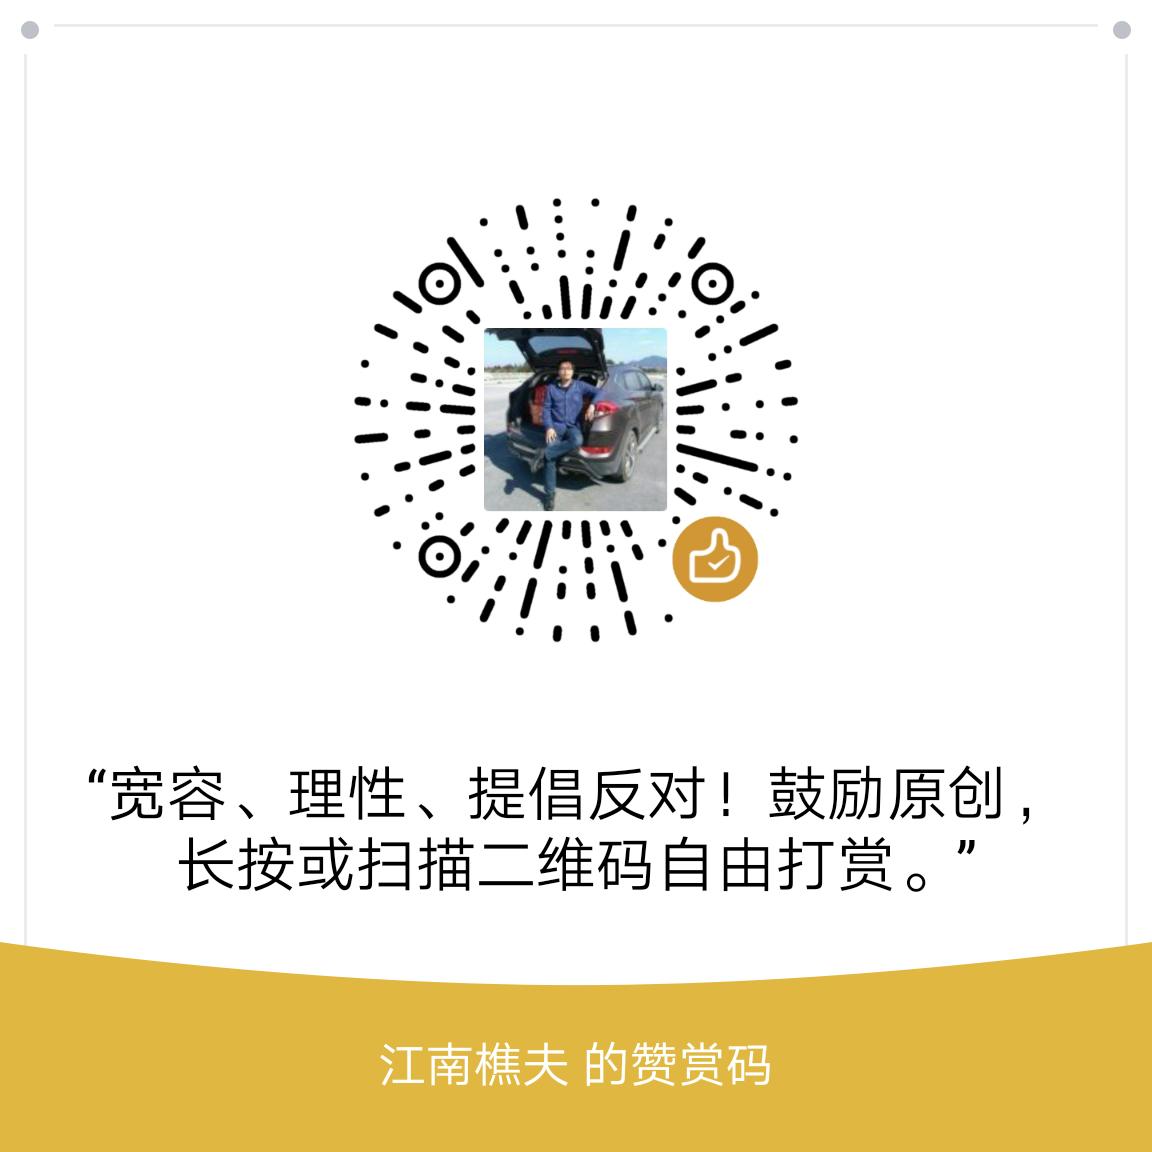 中国人从没象今天这样期待过出现侠客_图1-2